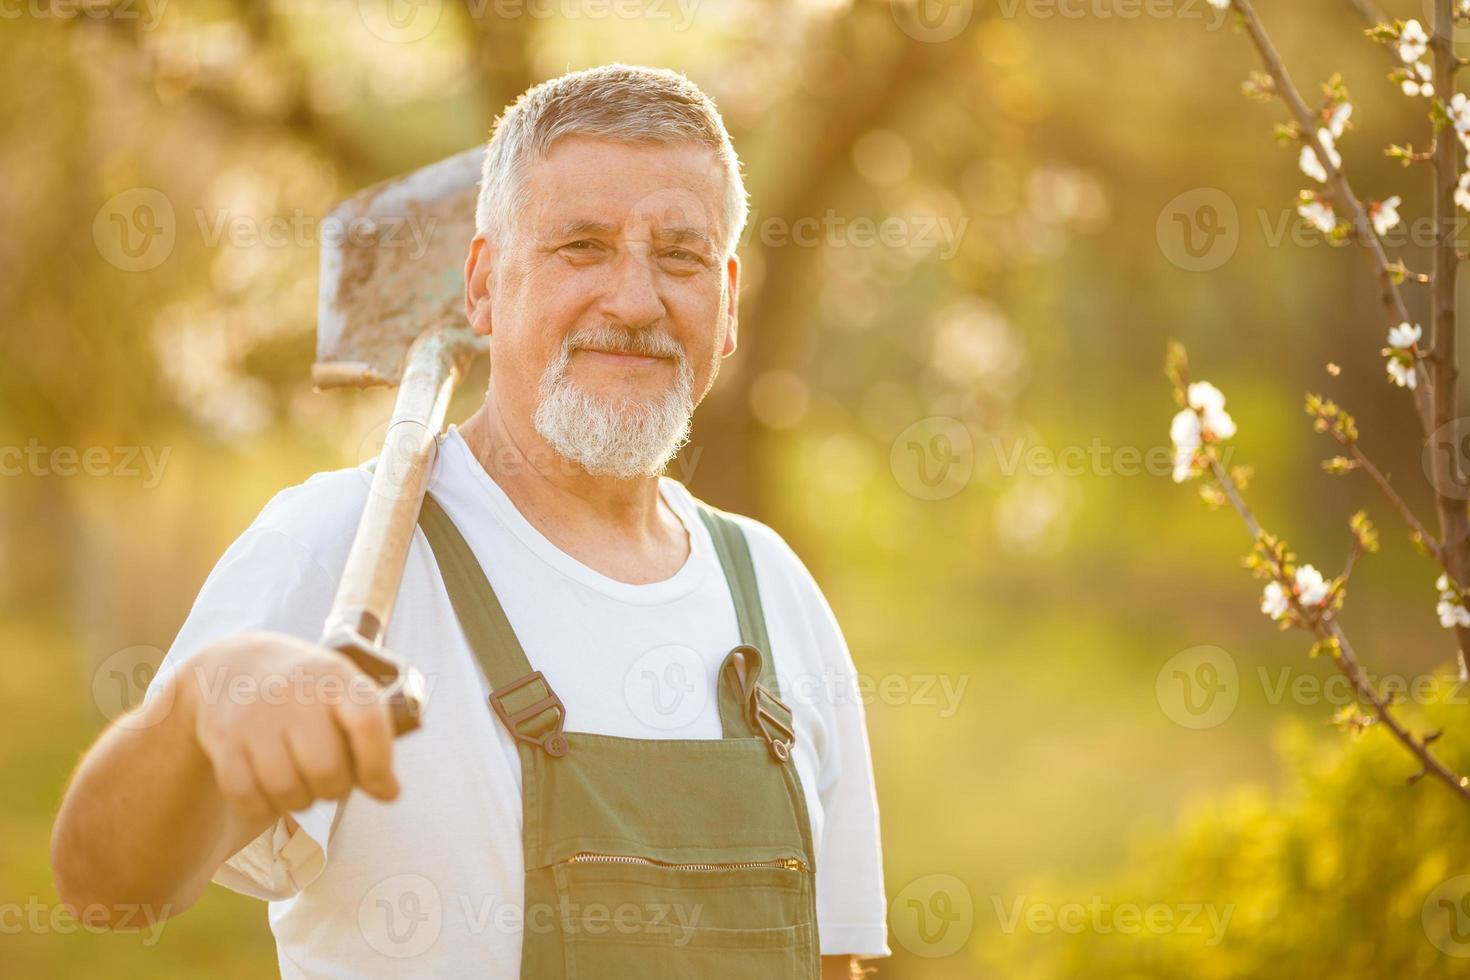 jardinero senior en su jardín foto